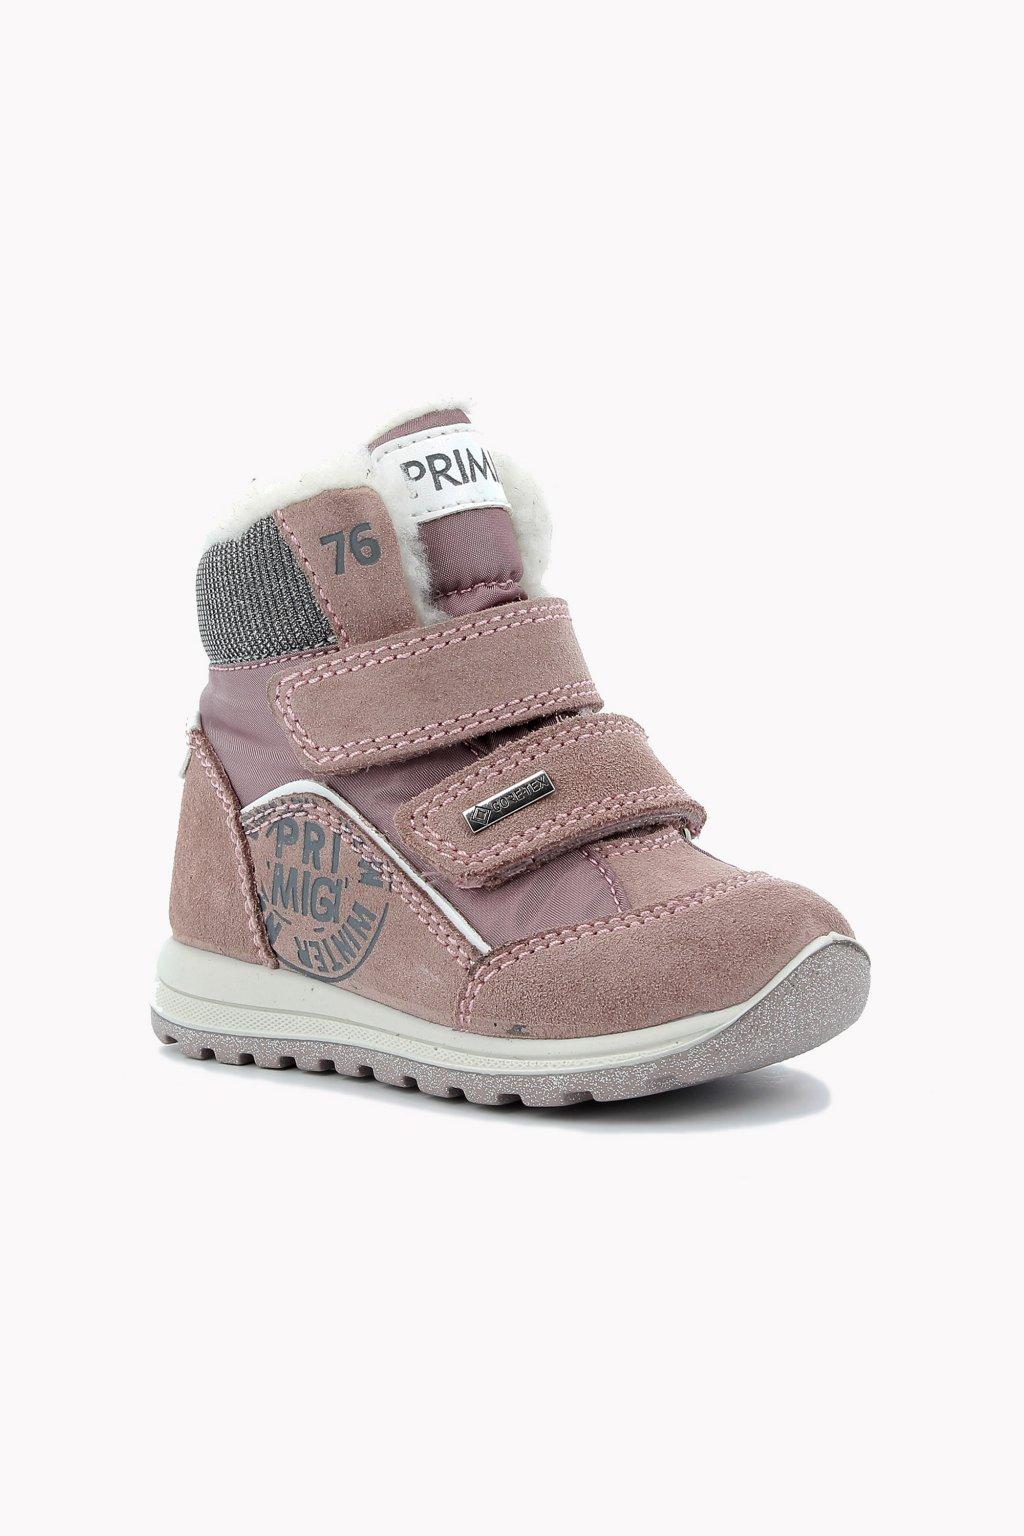 Primigi - GORETEX dívčí zimní obuv (Barva růžová, Velikost 29)